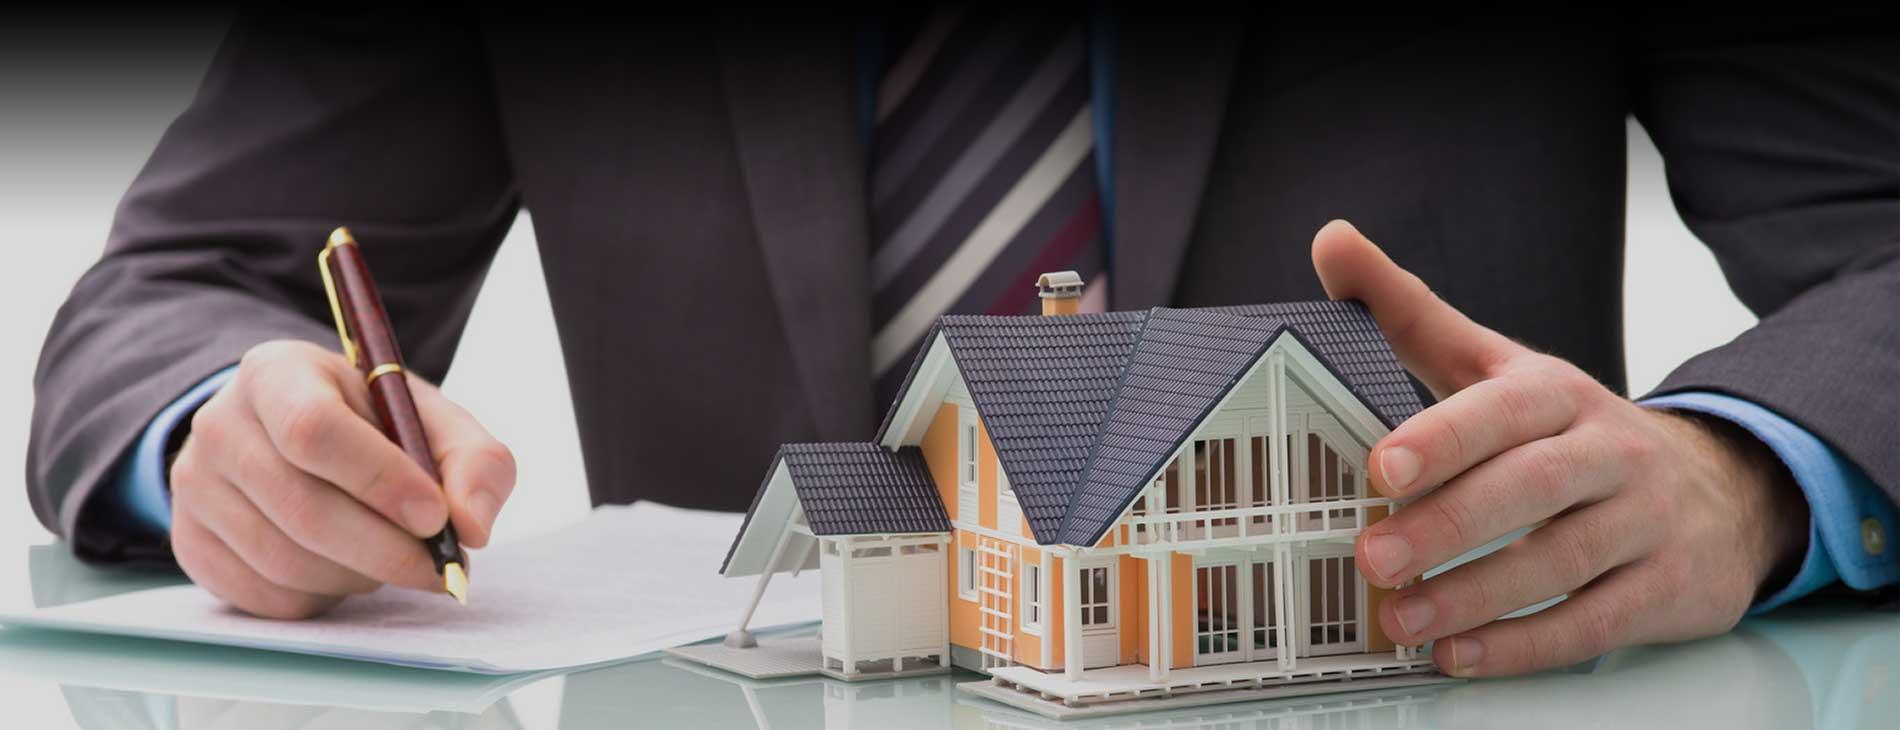 Immobilienbewertung Haus in München